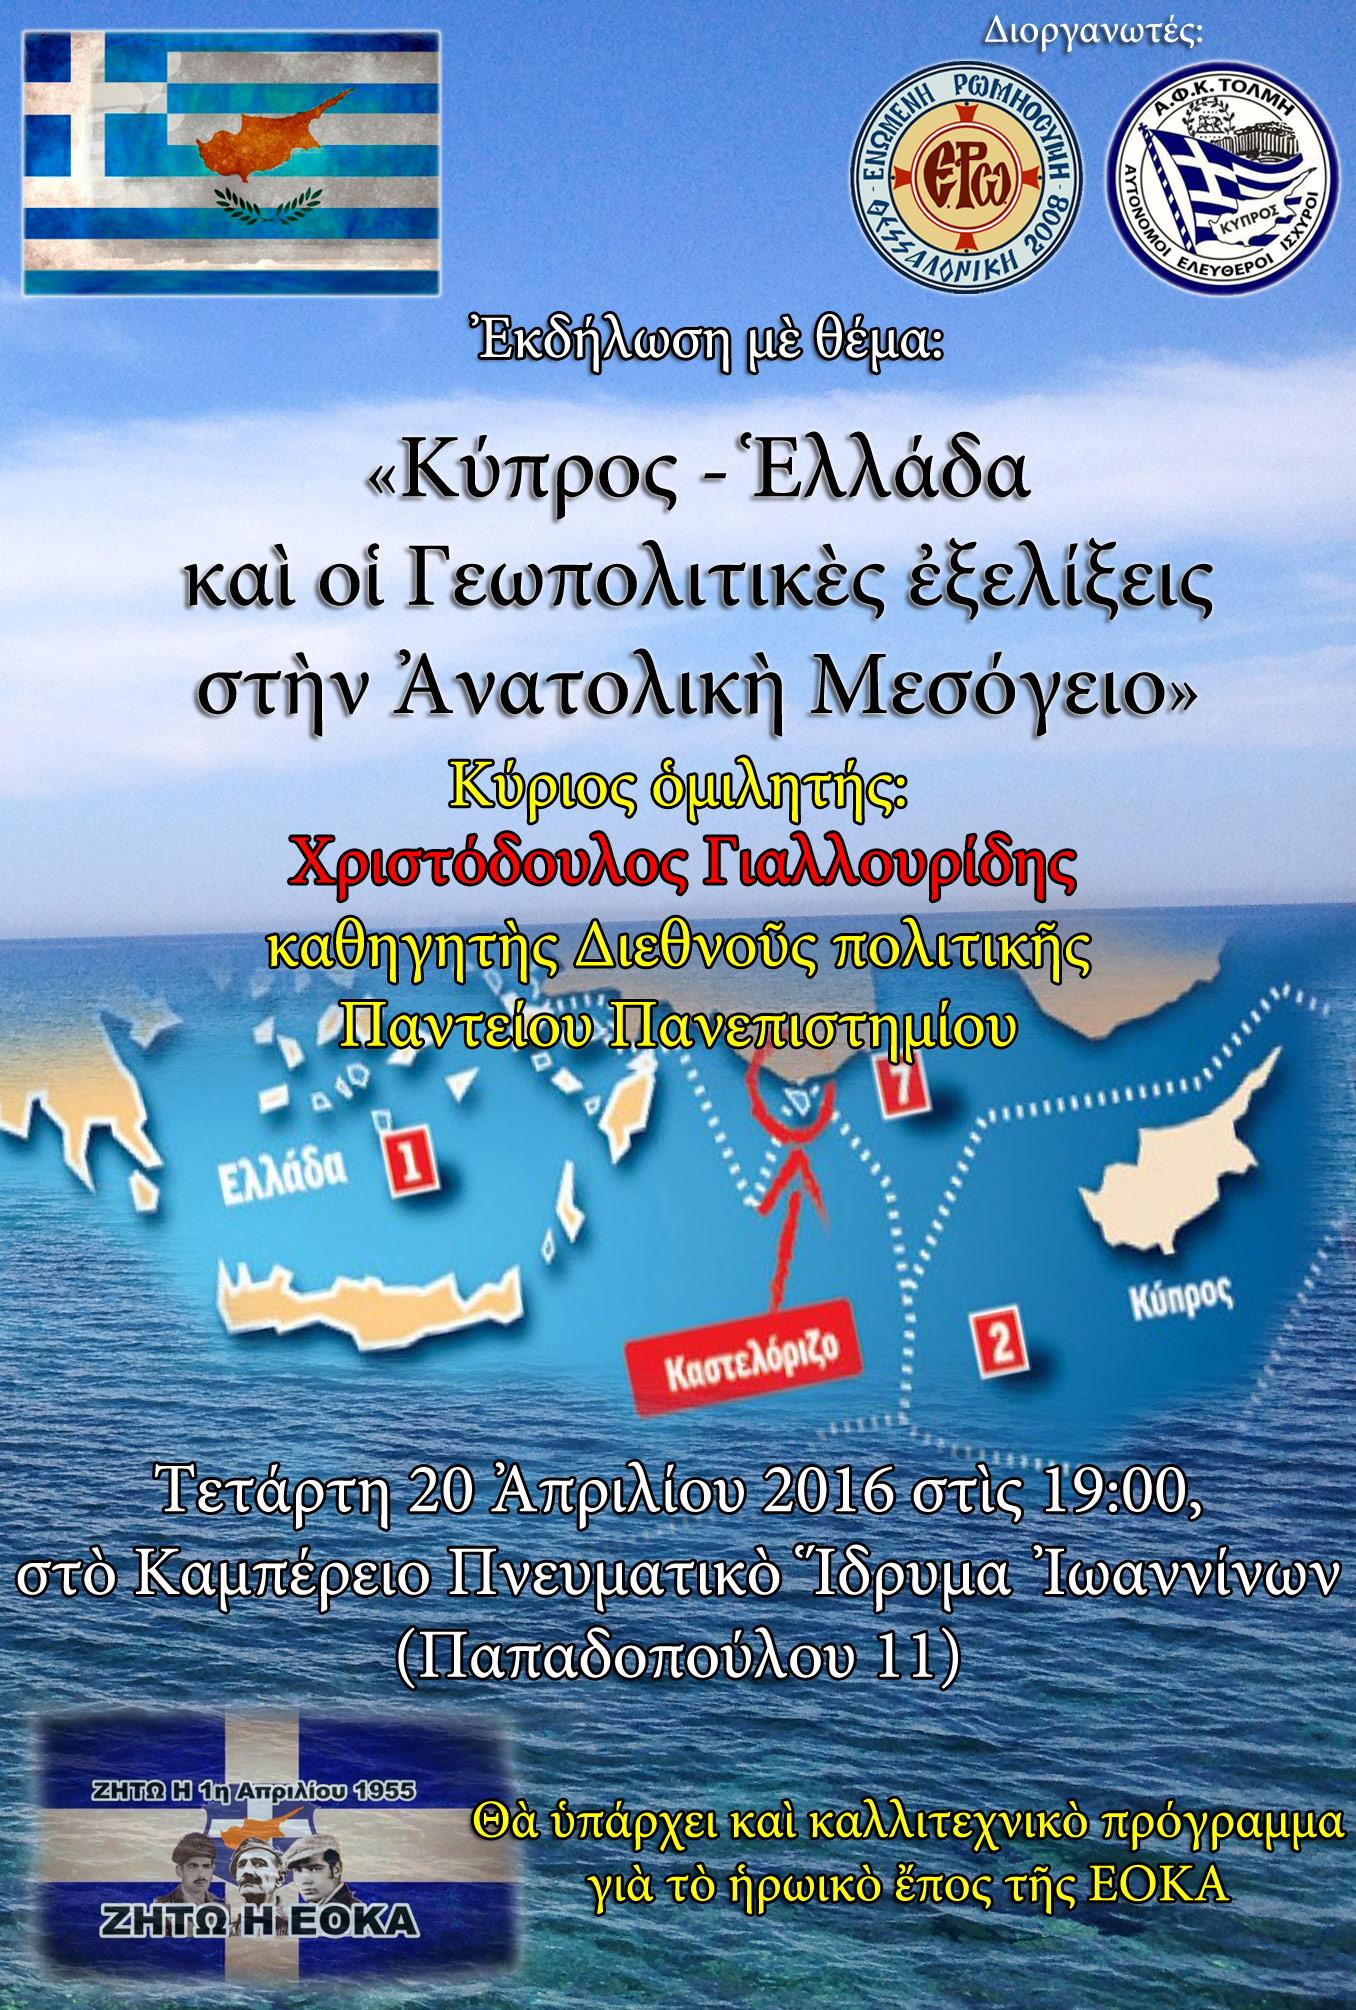 ΑΚΥΡΩΣΗ ΕΚΔΗΛΩΣΗΣ ΣΤΑ ΙΩΑΝΝΙΝΑ -